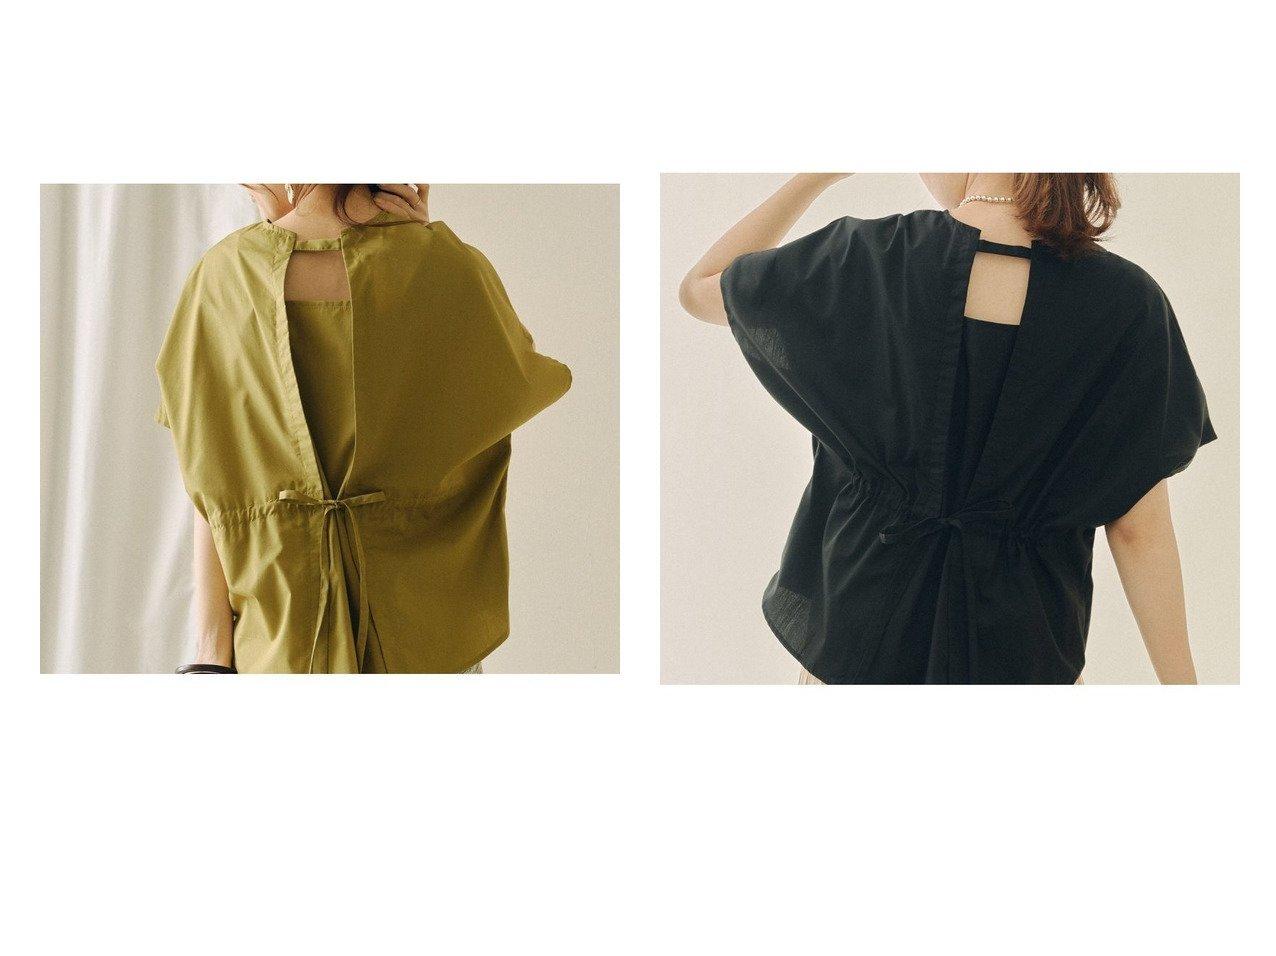 【Chez toi/シェトワ】のバックドロストブラウス おすすめ!人気、トレンド・レディースファッションの通販 おすすめで人気の流行・トレンド、ファッションの通販商品 インテリア・家具・メンズファッション・キッズファッション・レディースファッション・服の通販 founy(ファニー) https://founy.com/ ファッション Fashion レディースファッション WOMEN トップス・カットソー Tops/Tshirt シャツ/ブラウス Shirts/Blouses バッグ Bag シンプル 半袖 無地 再入荷 Restock/Back in Stock/Re Arrival NEW・新作・新着・新入荷 New Arrivals プチプライス・低価格 Affordable おすすめ Recommend 夏 Summer |ID:crp329100000064064